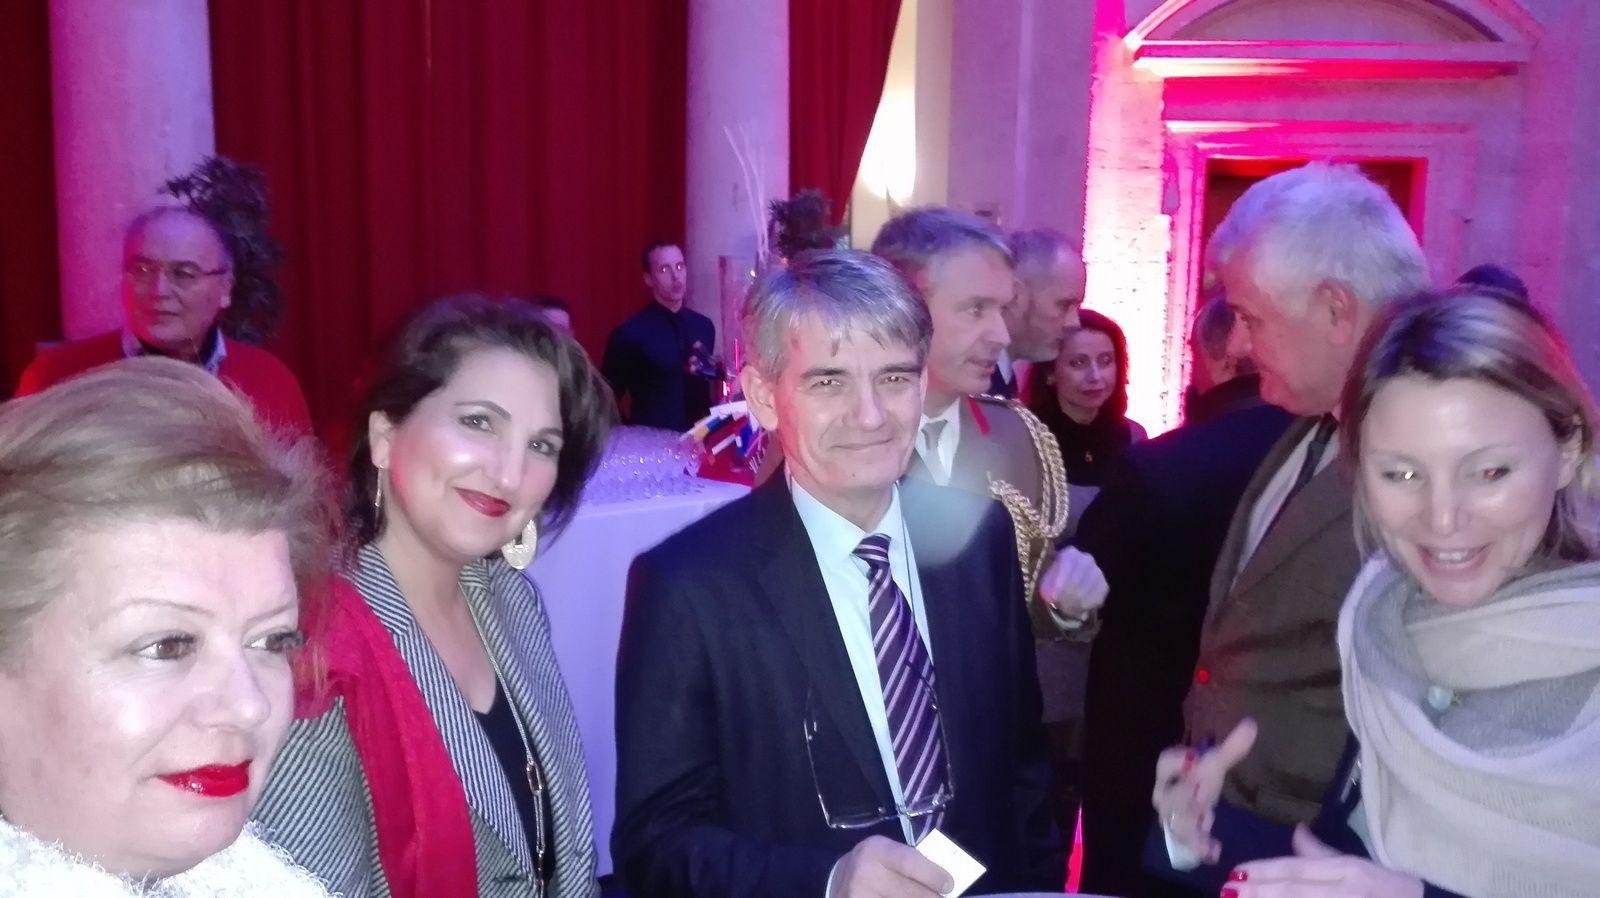 LES  VOEUX DU PRESIDENT  L'I.R.C.E. 2017 - ROTONDE GABRIEL - ECOLE MILITAIRE